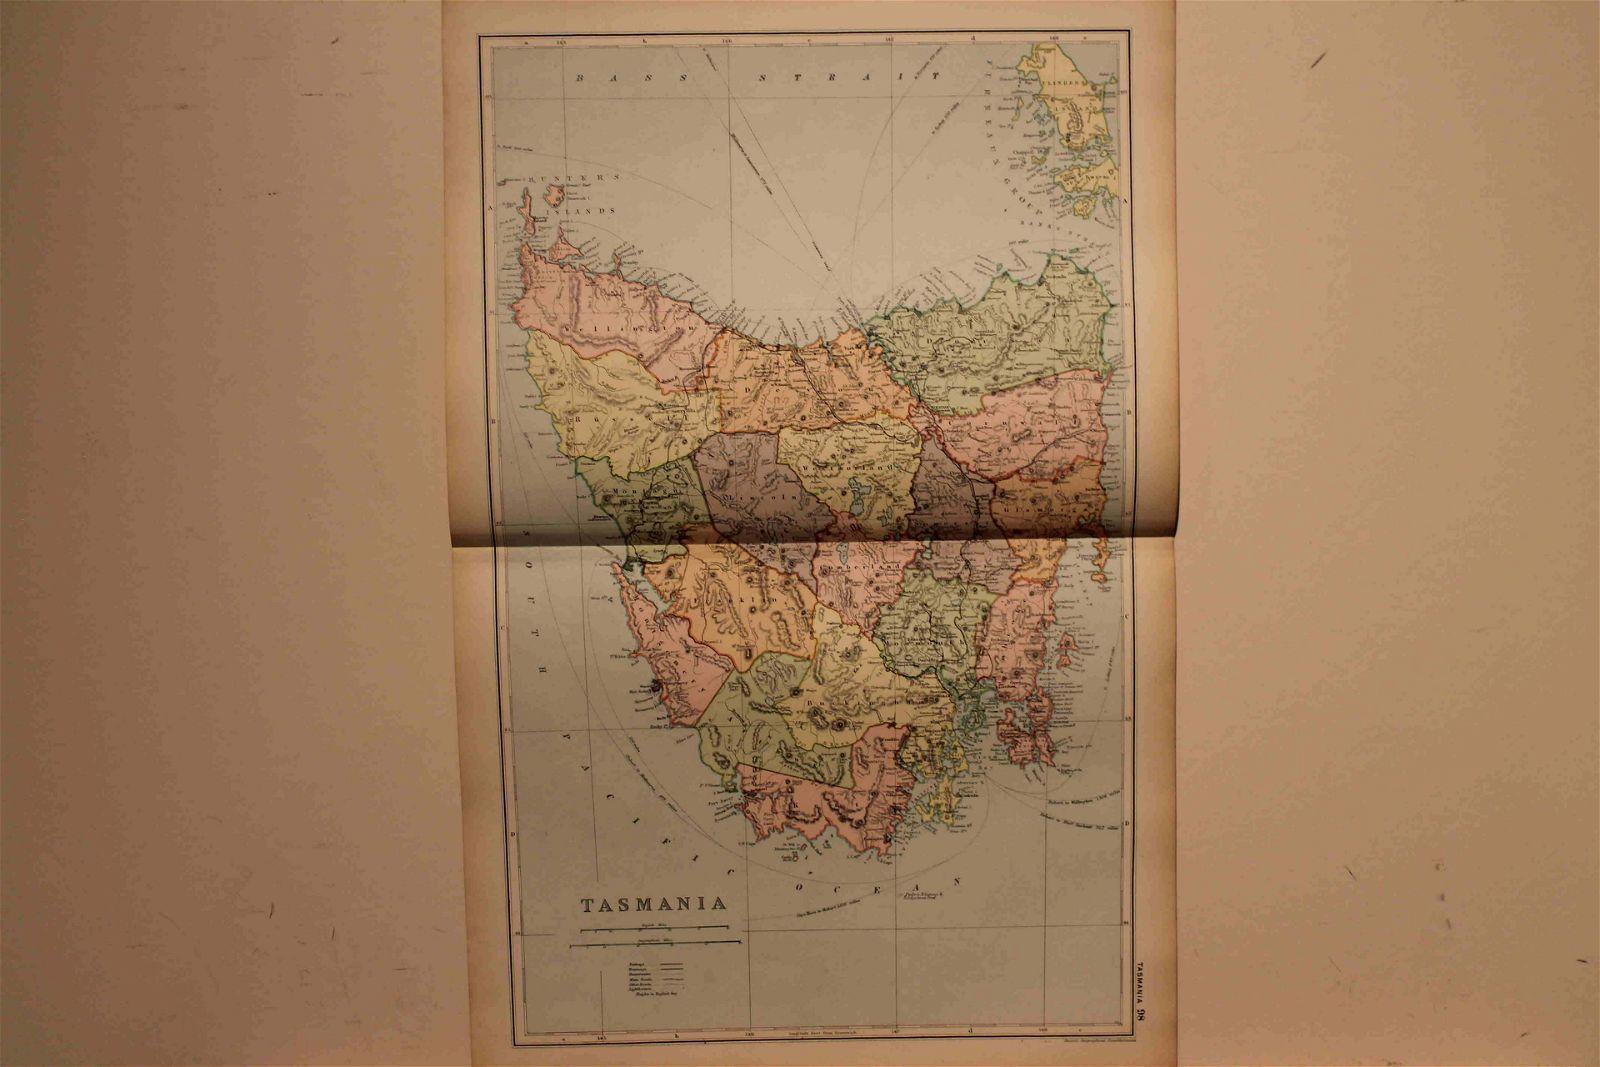 1882 Map of Tasmania